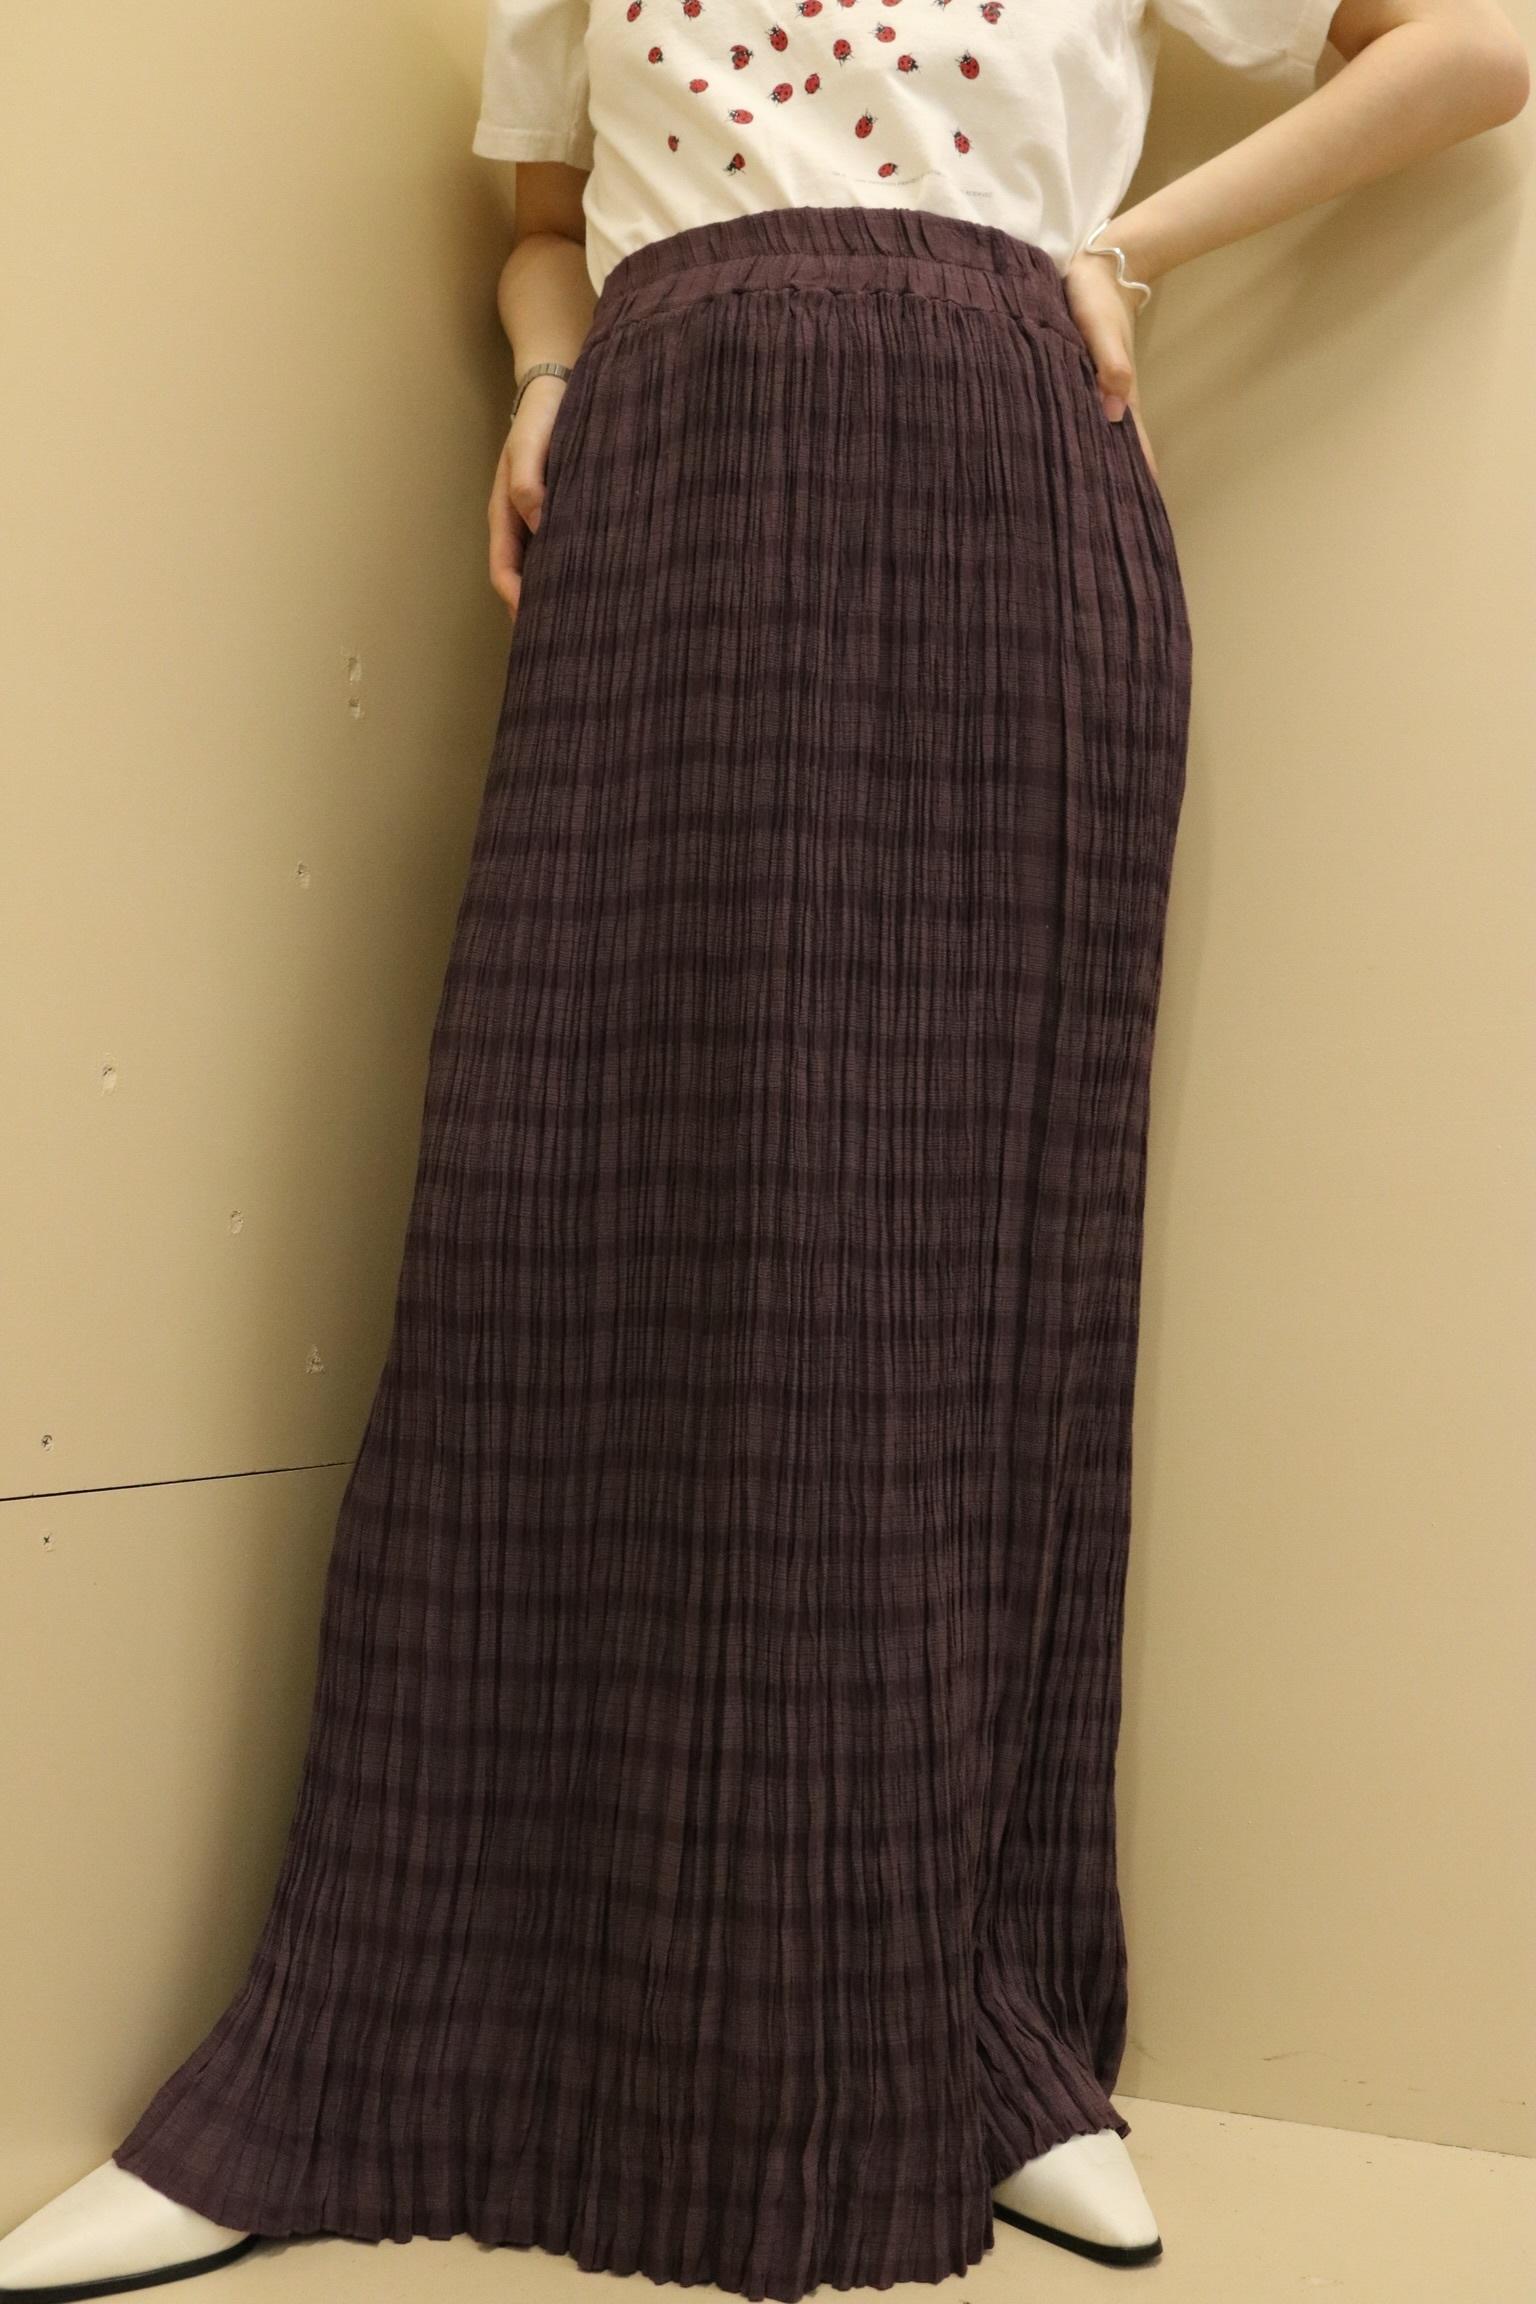 clash pleats skirt / 7SSSK09-20